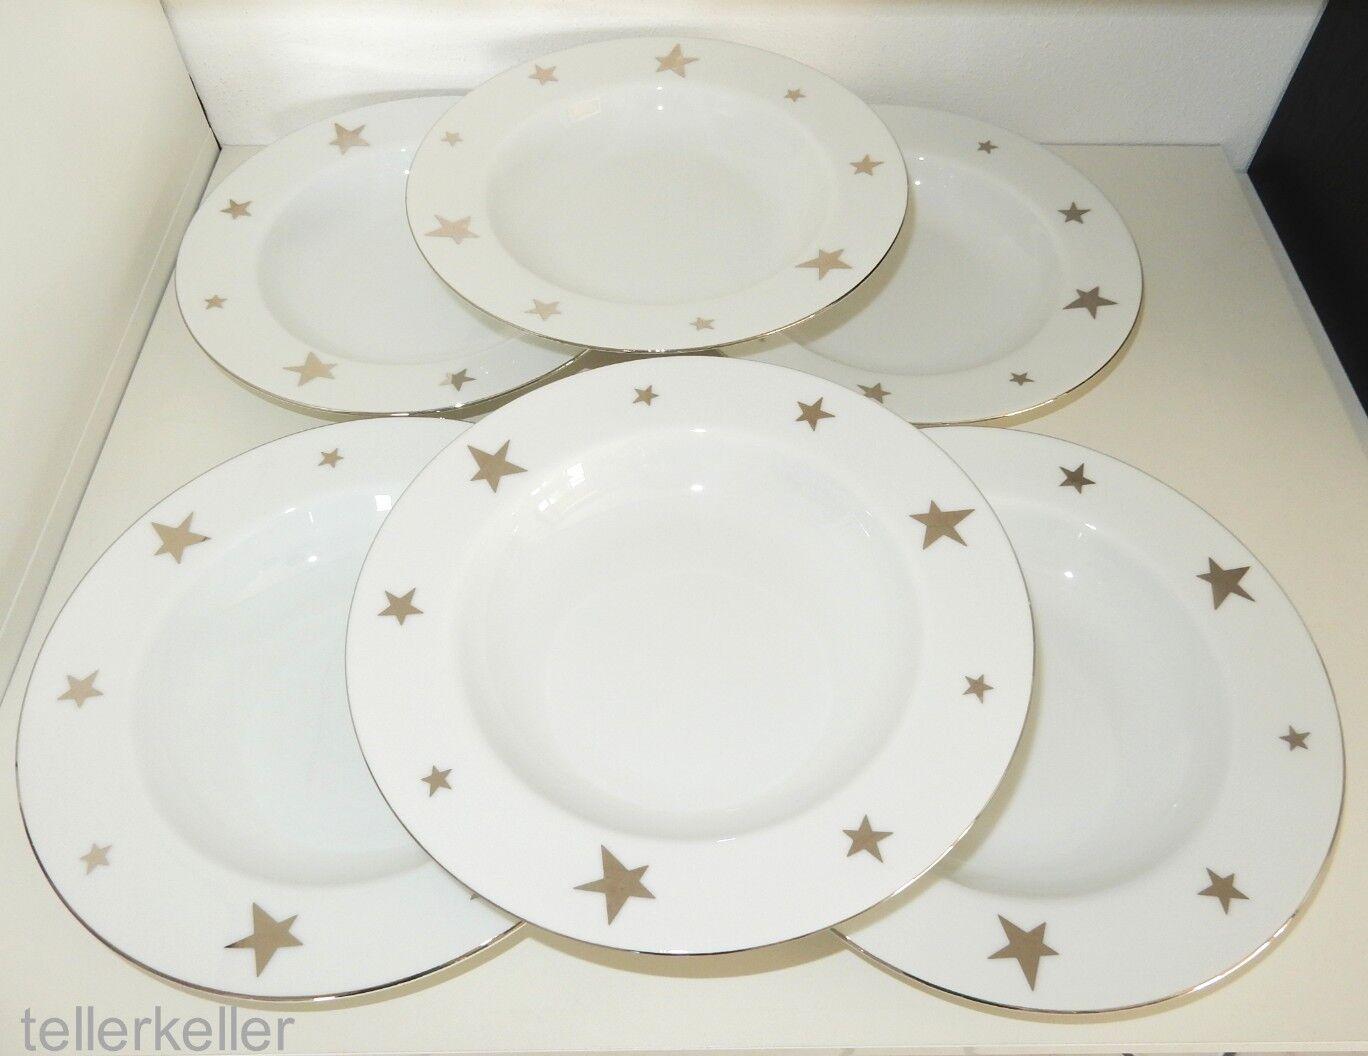 Ikea 6 x Suppenteller Ø 23,5   H 3,7 Sterne Silber Weihnachten tiefe Teller tief | Erste Kunden Eine Vollständige Palette Von Spezifikationen